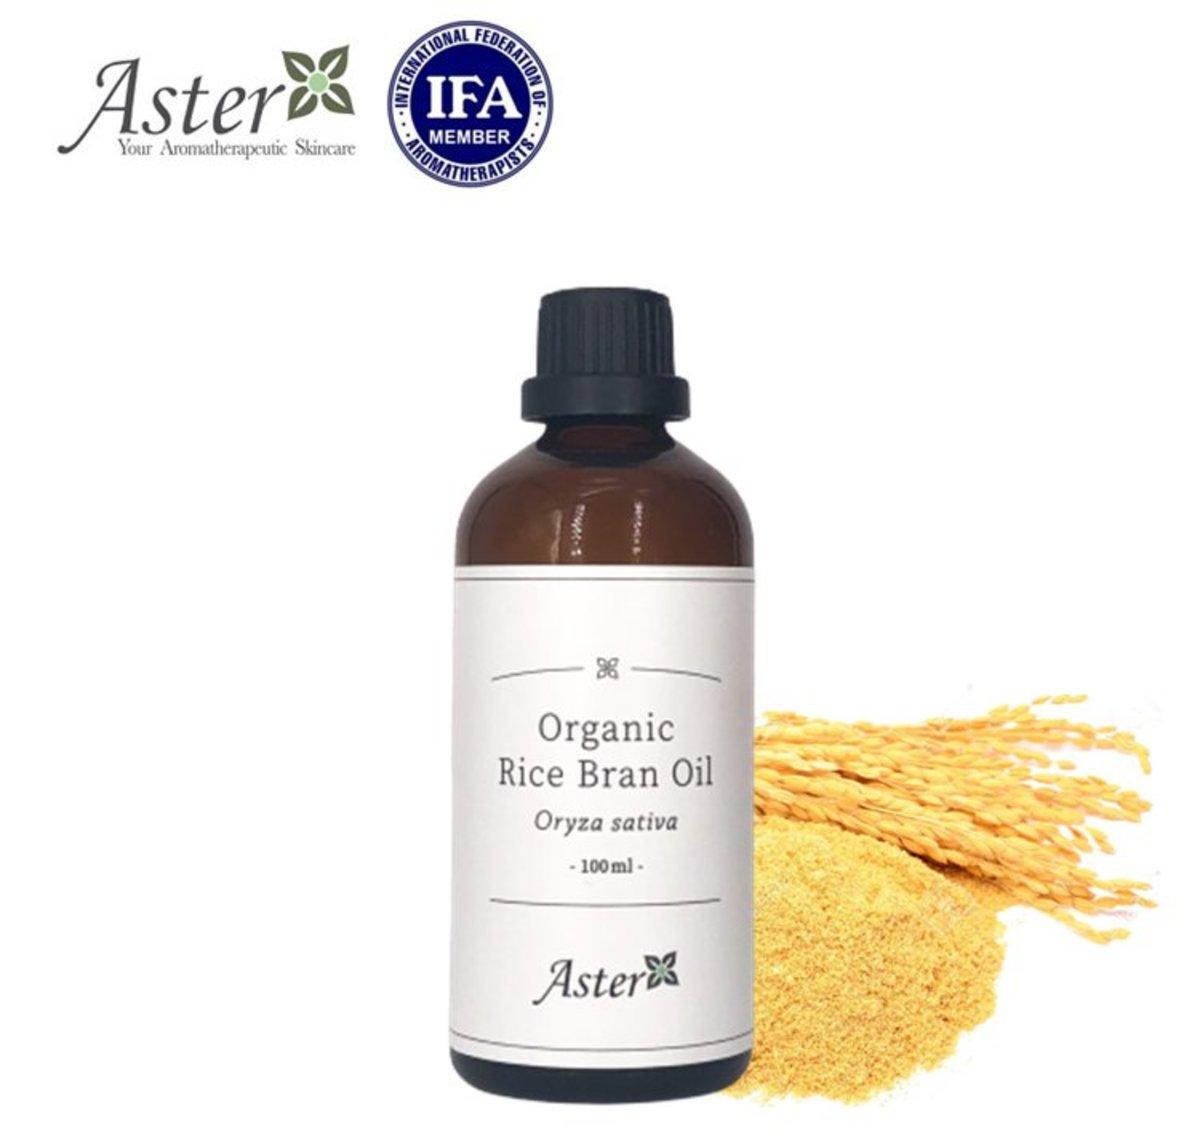 Organic Rice Bran Oil (Oryza sativa) - 100ml